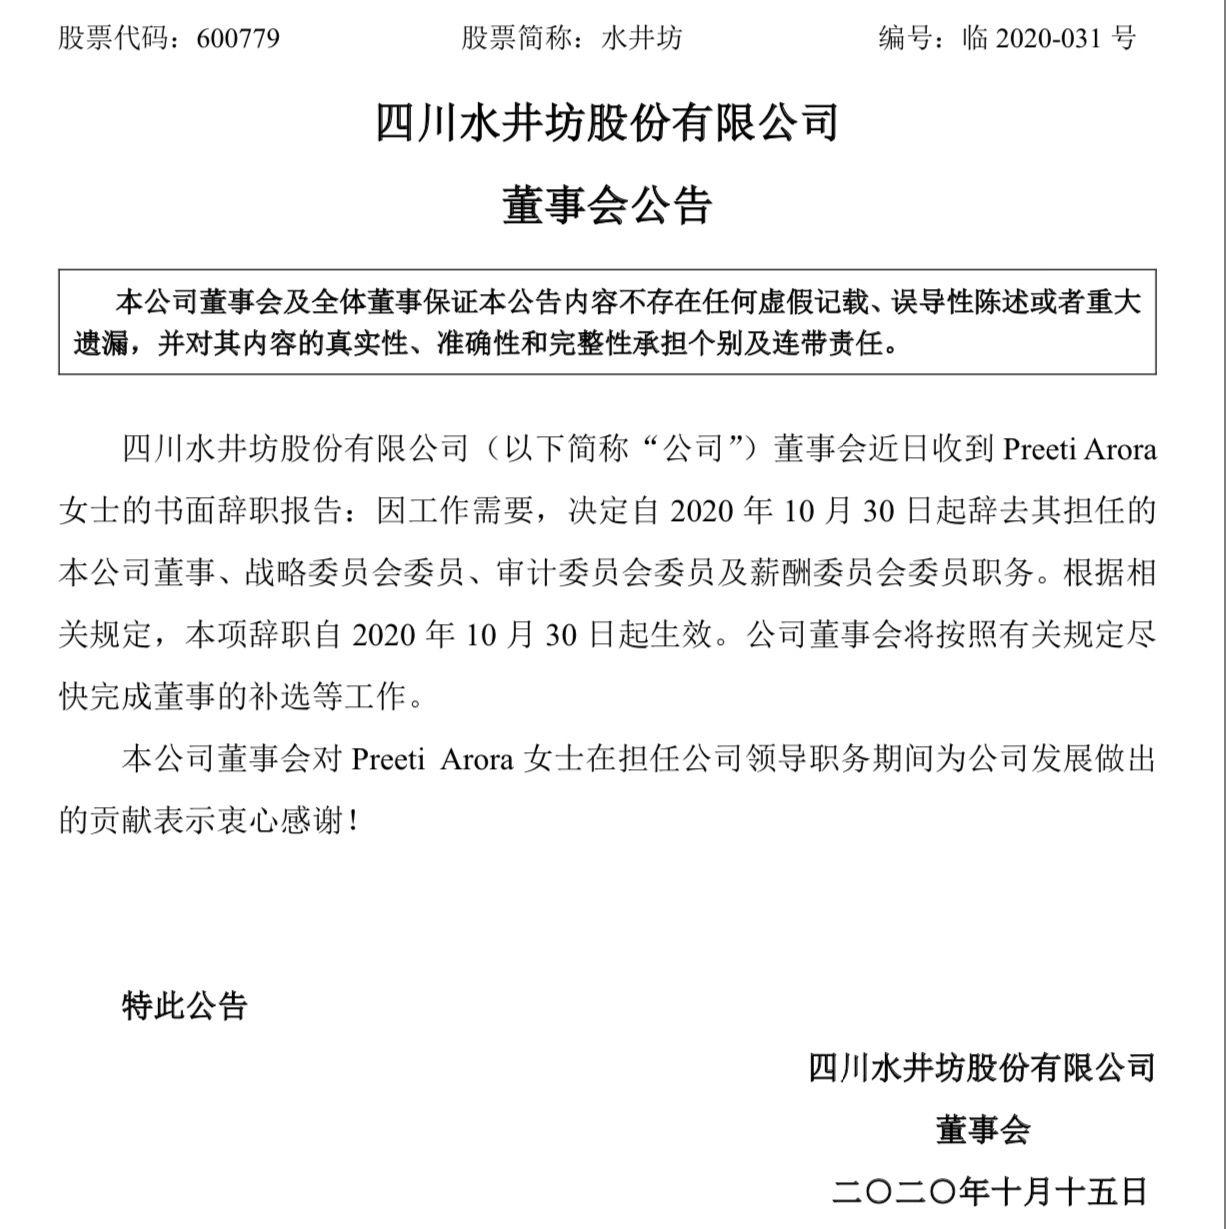 水井坊董事Preeti Arora宣布辞职,任战略委员会委员图片